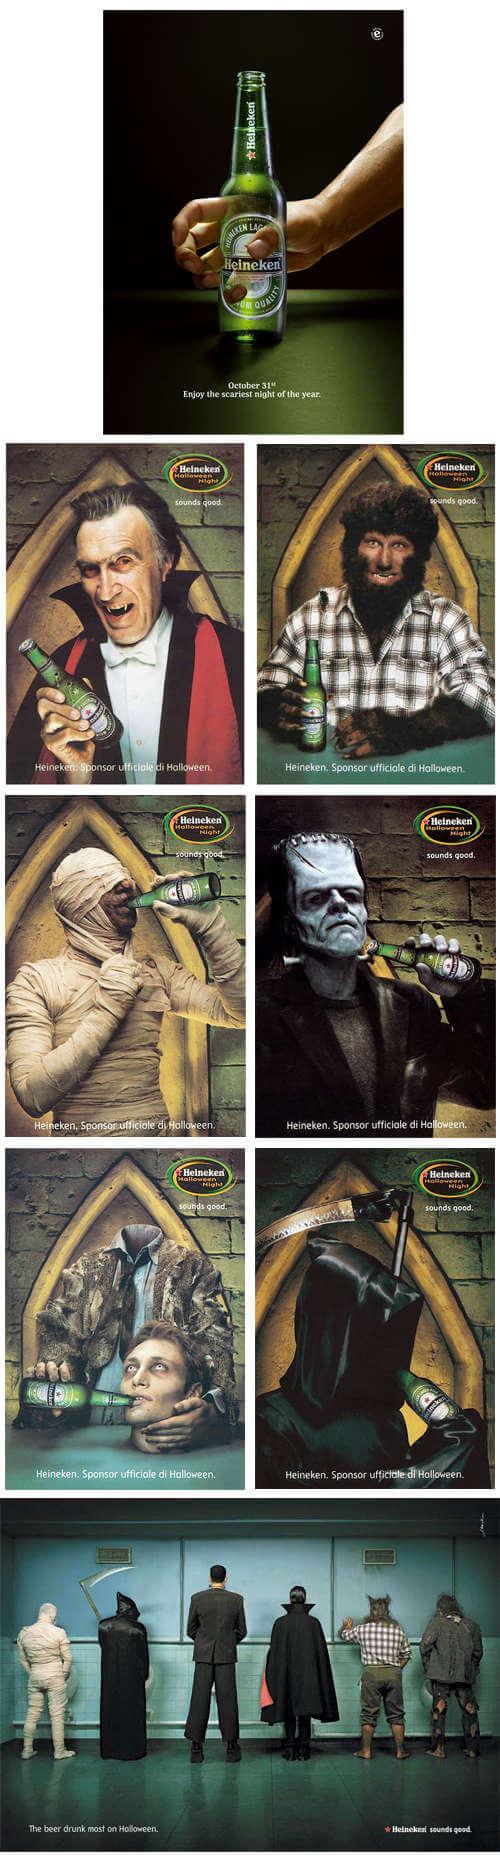 Heineken Halloween Night